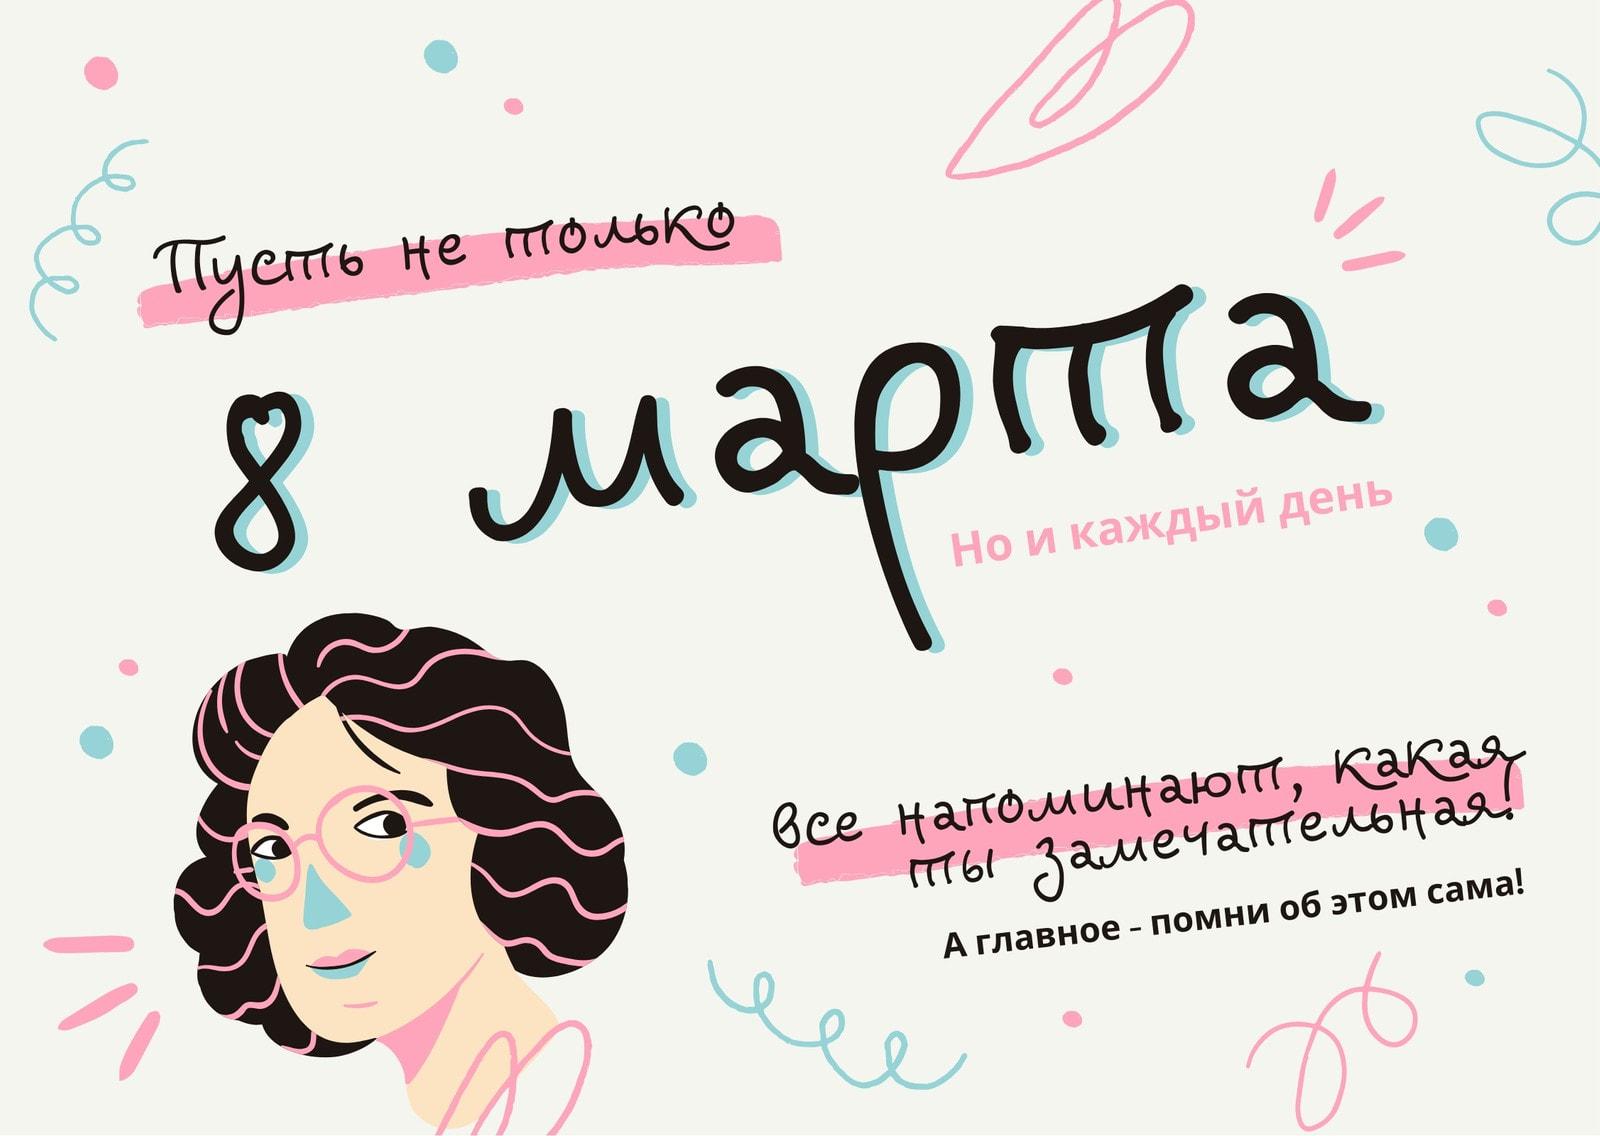 Серая открытка на женский день с рисунком девушки и розово-голубой графикой